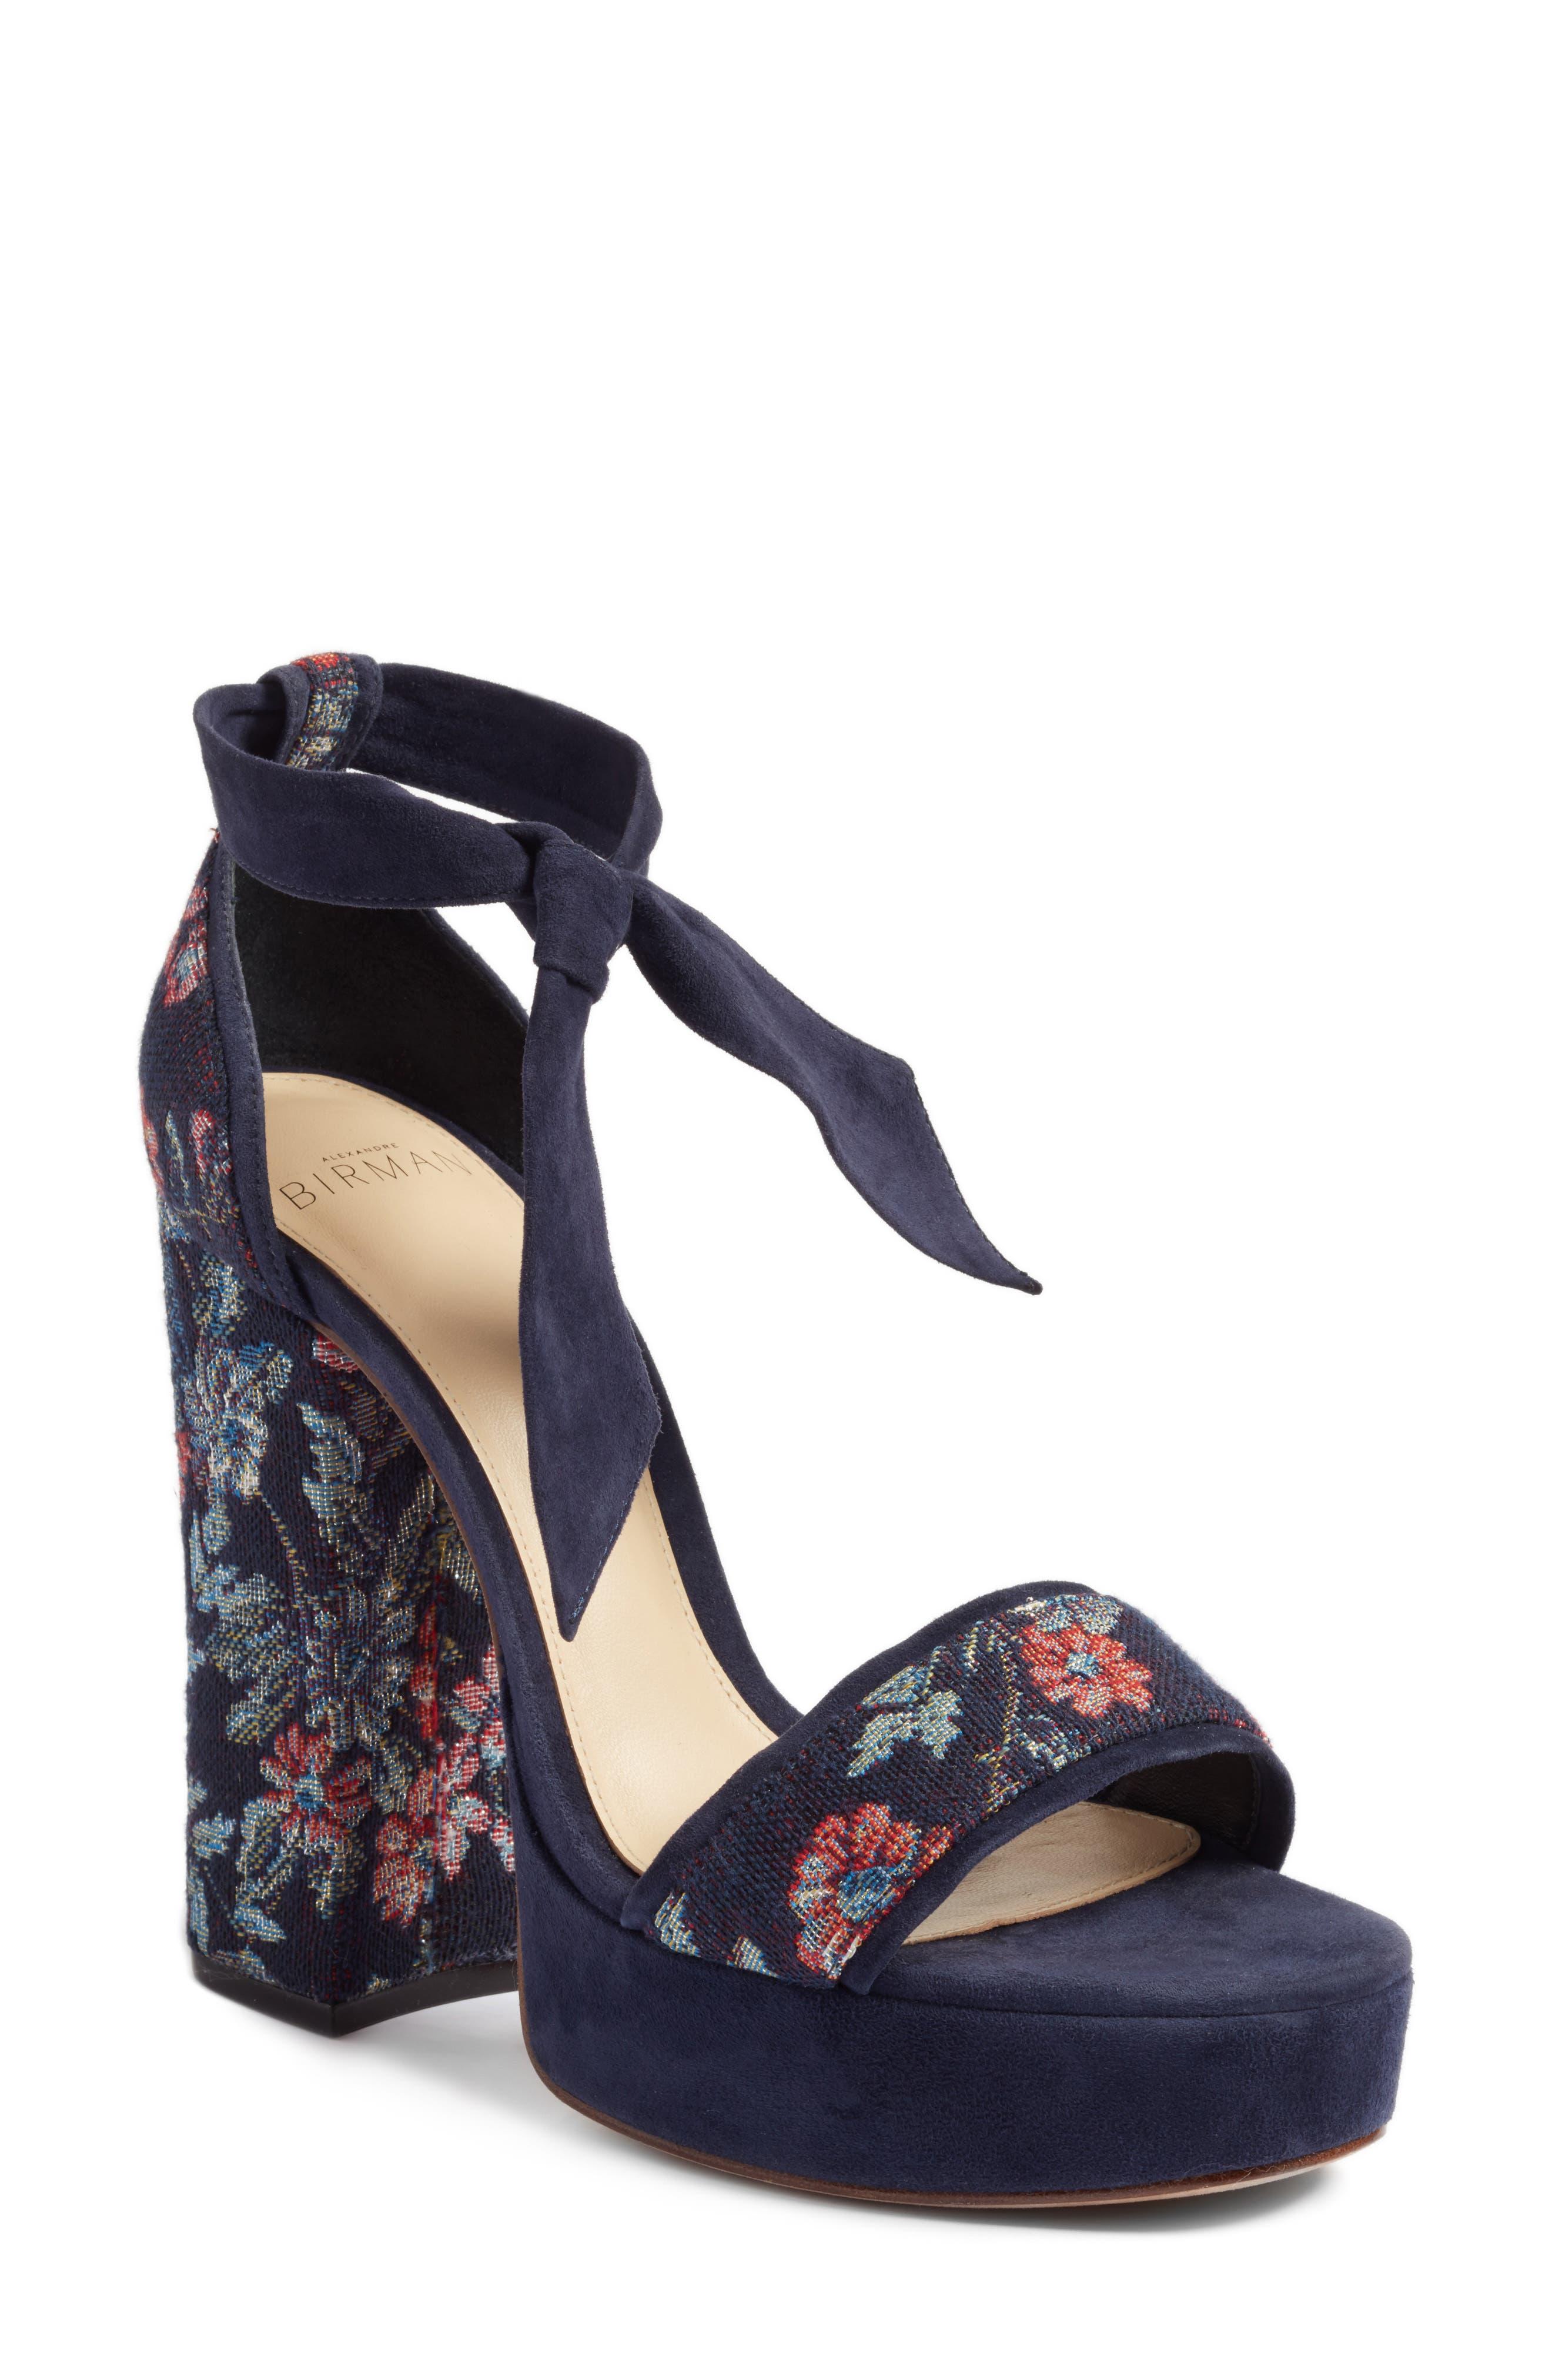 Celine Platform Sandal,                             Main thumbnail 1, color,